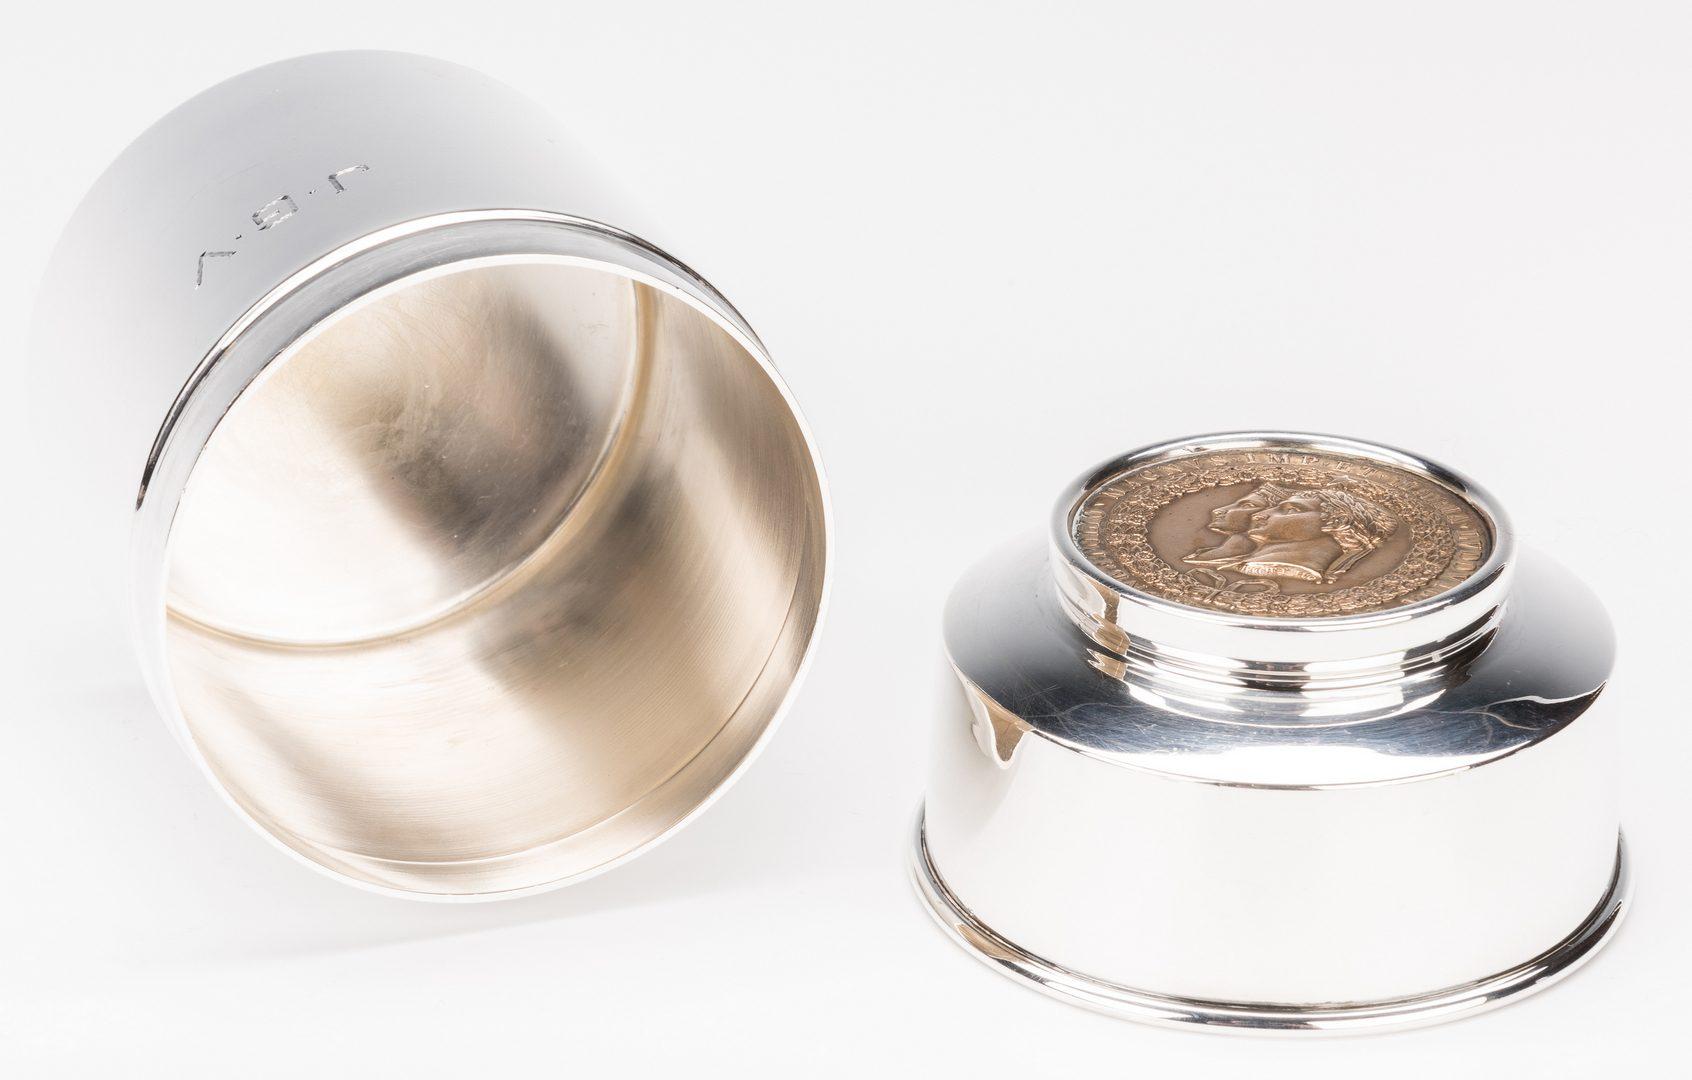 Lot 589: Silver Opera Glasses, Jigger and Cigarette Jar